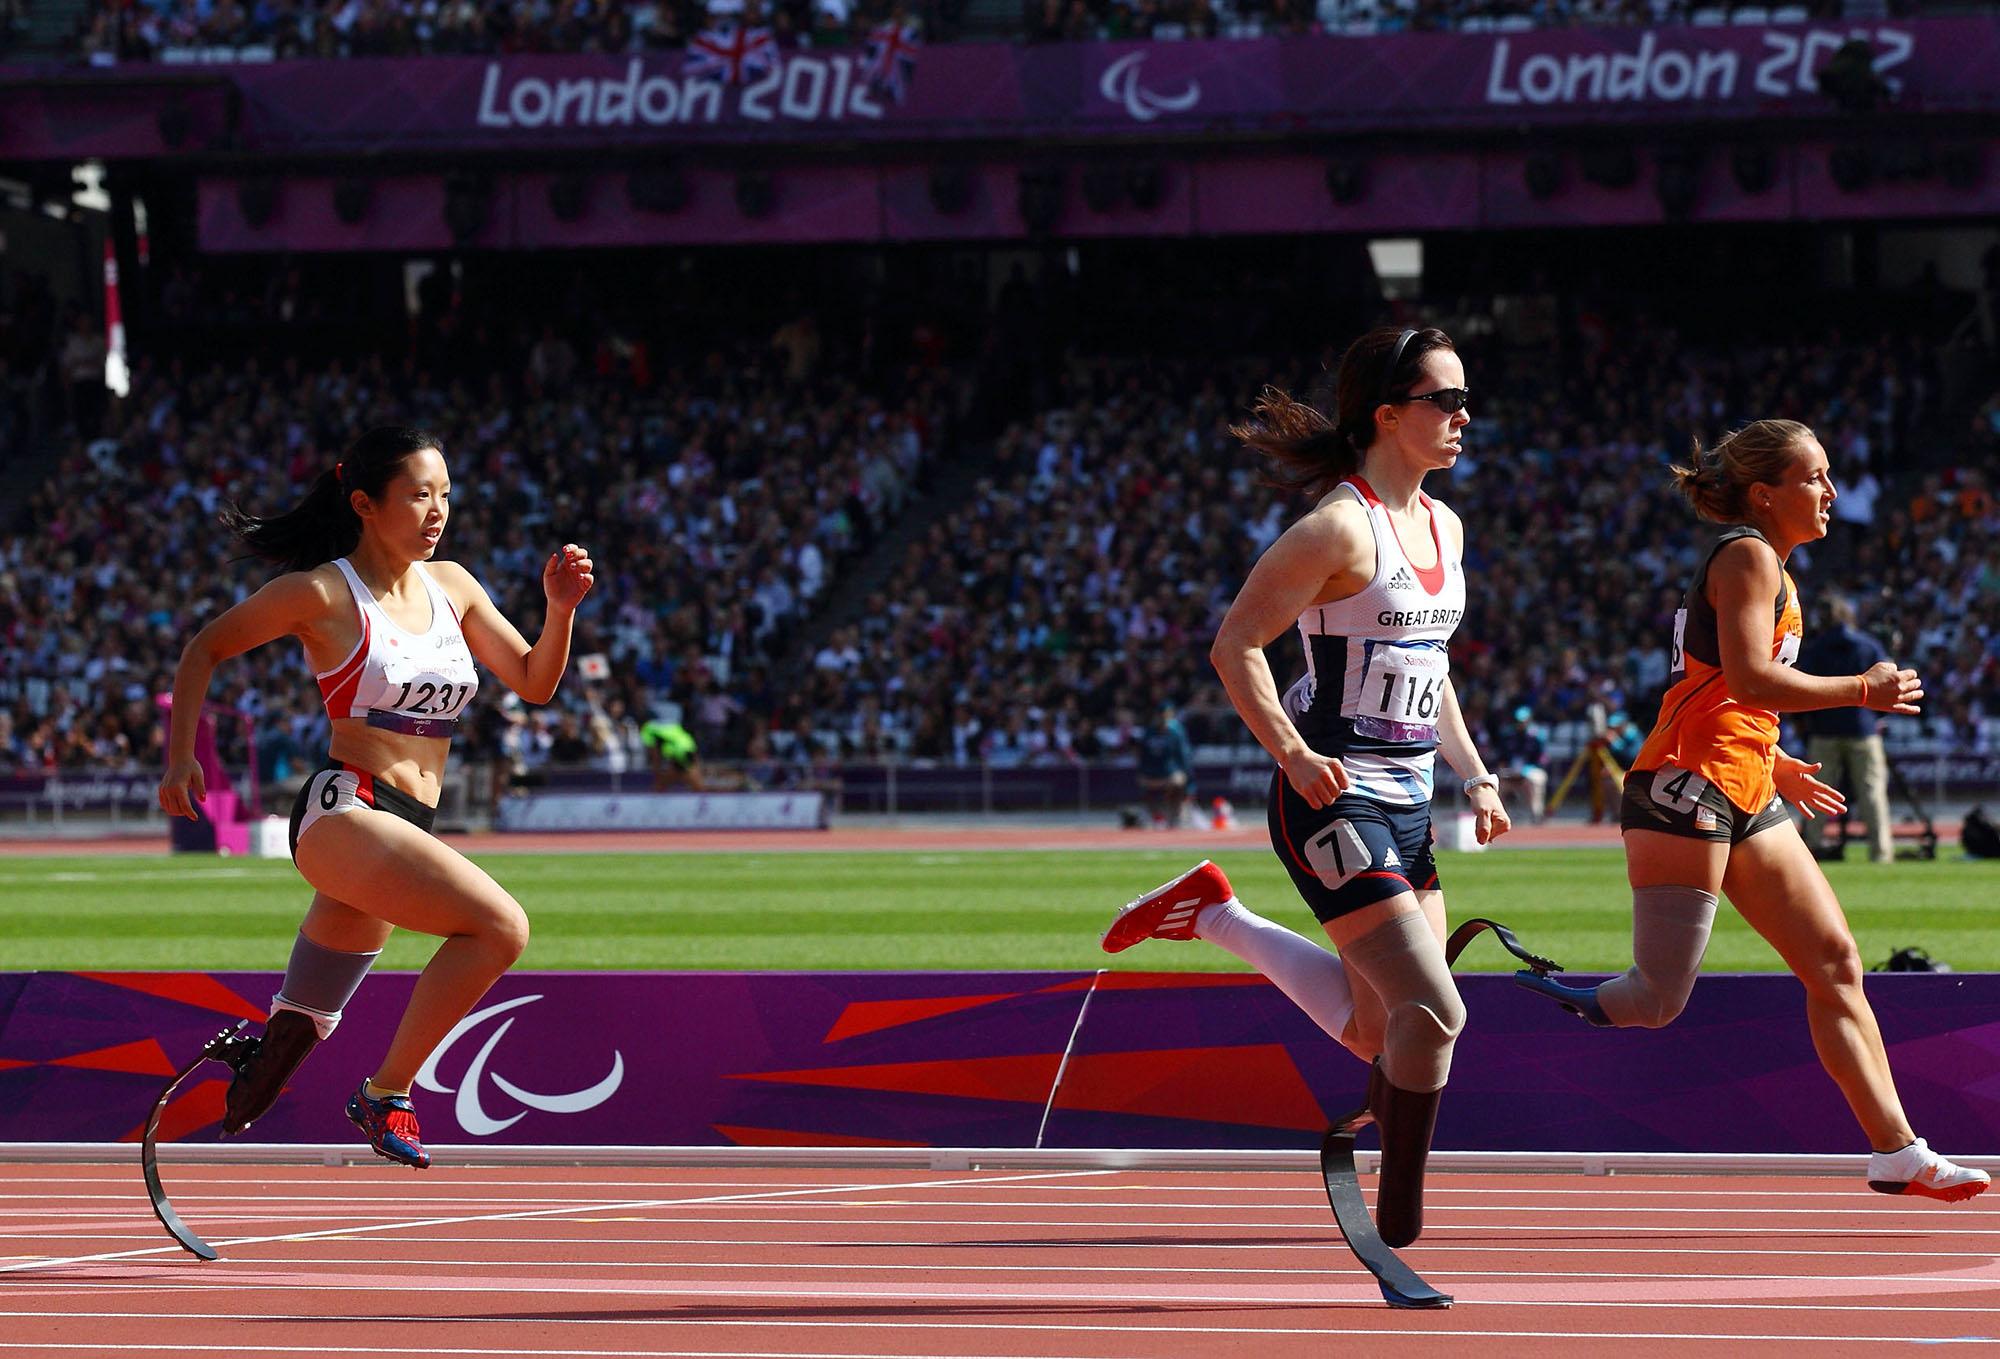 ロンドンで、短距離で決勝進出を果たすも、トップアスリート達との距離が遠かった(撮影:越智貴雄)